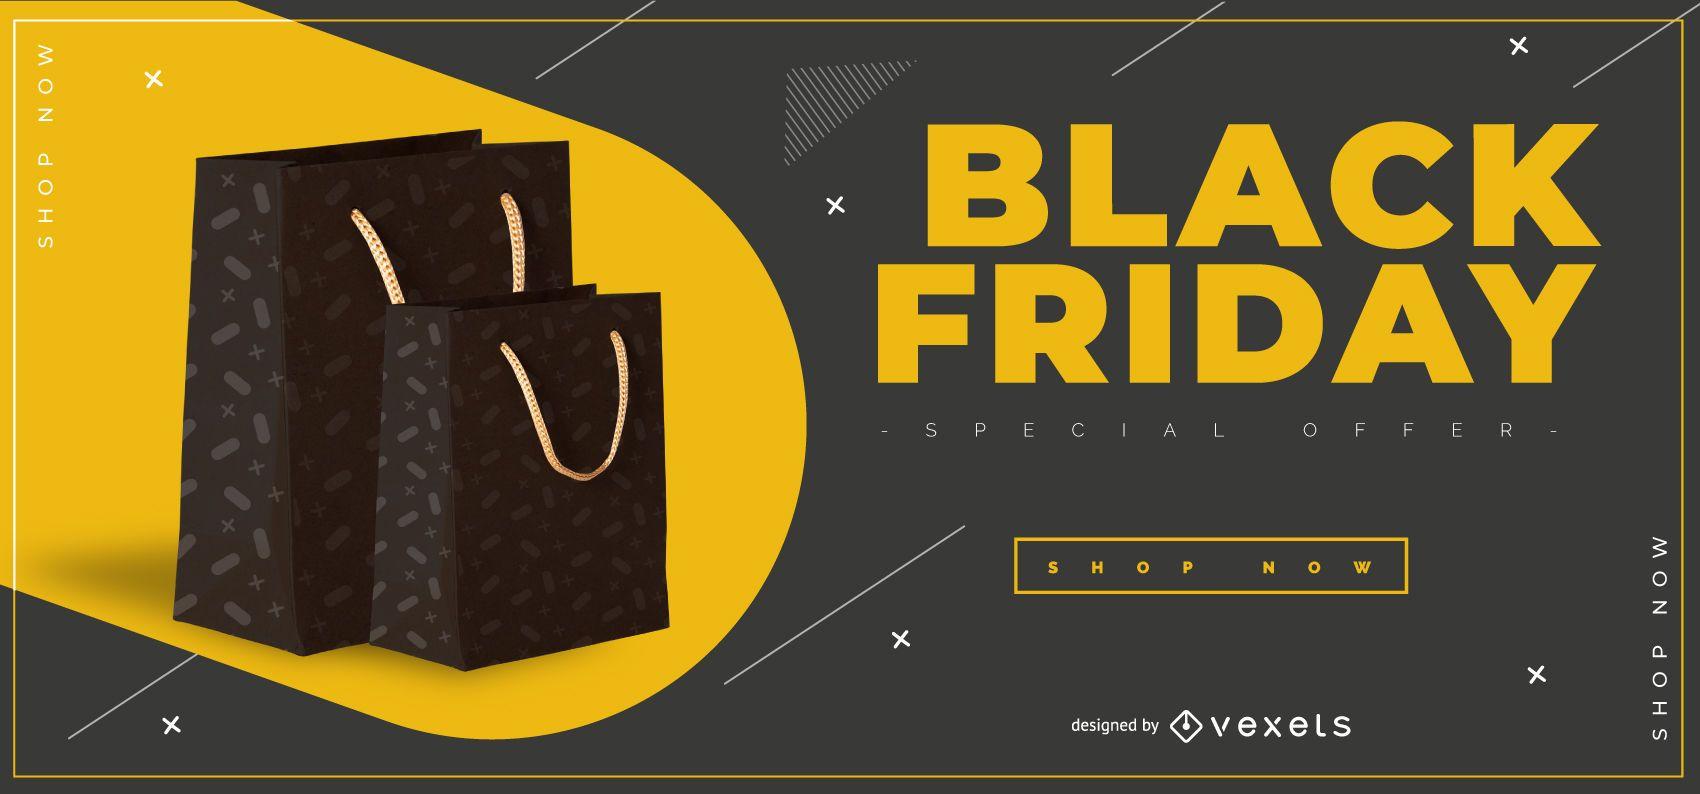 Modelo de banner de bolsas pretas sexta-feira